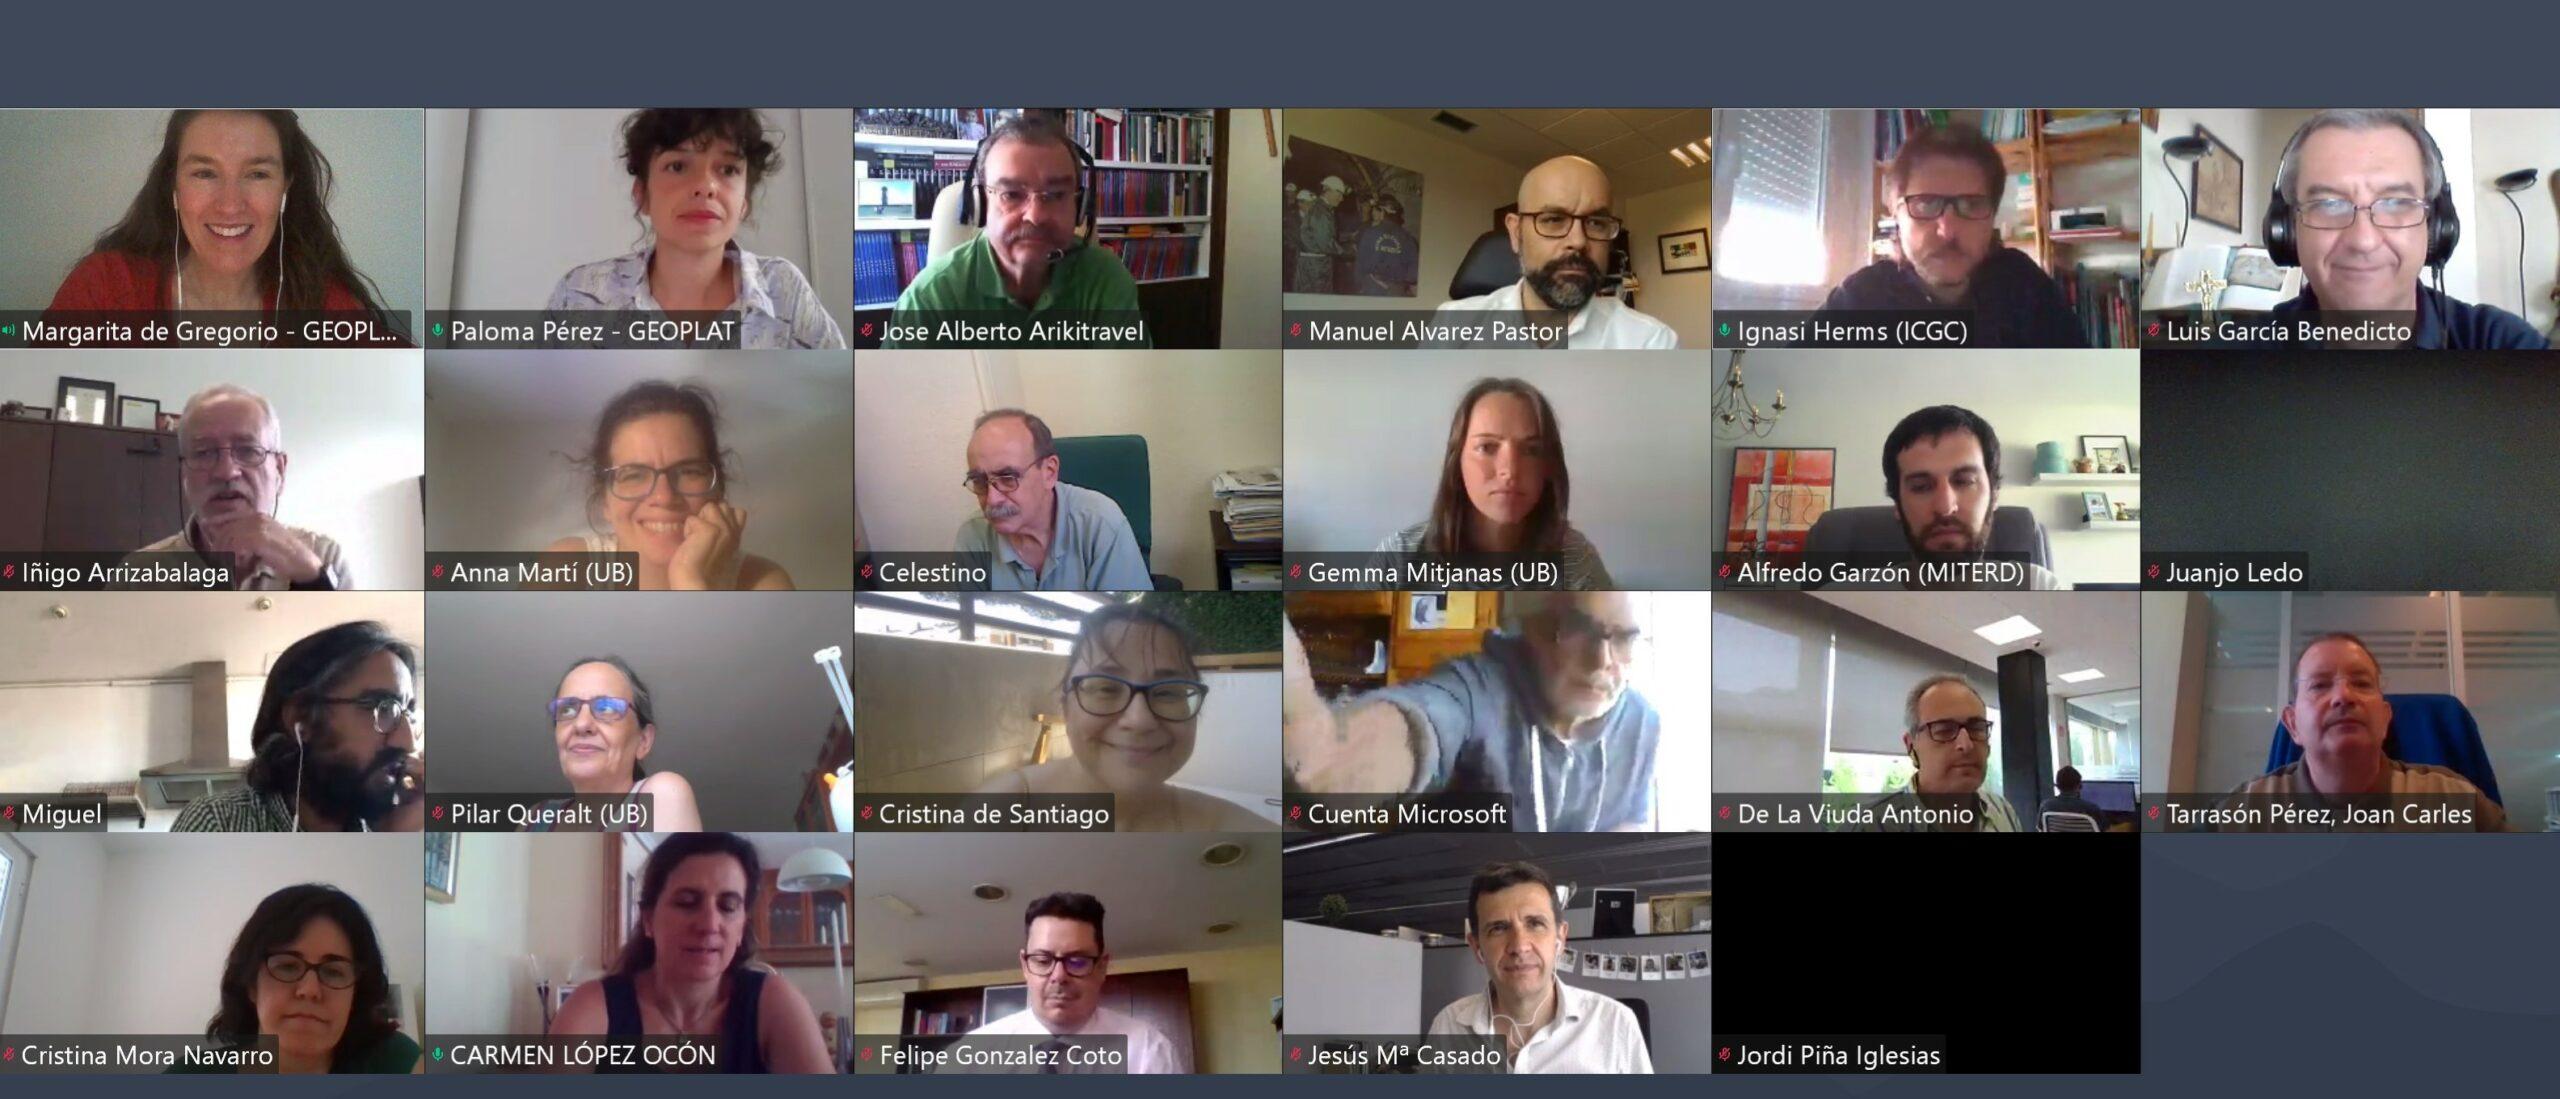 Presentaciones disponibles: Asamblea GEOPLAT 2020 (23 julio)